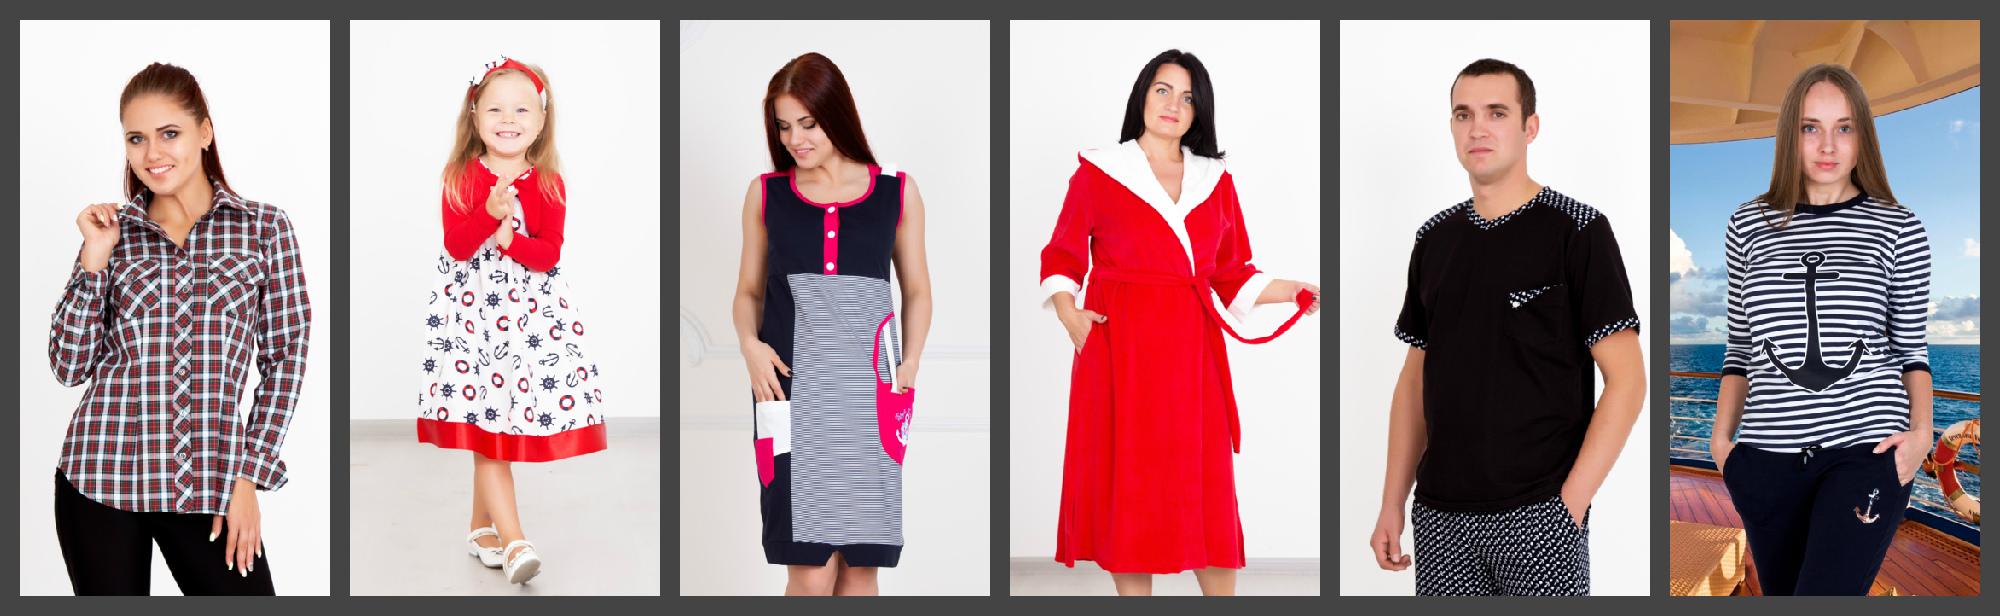 ЛИК@ ДРЕСС - стильный Ивановский трикотаж. Огромный выбор женской одежды, мужской и детской. Новинка полотенца